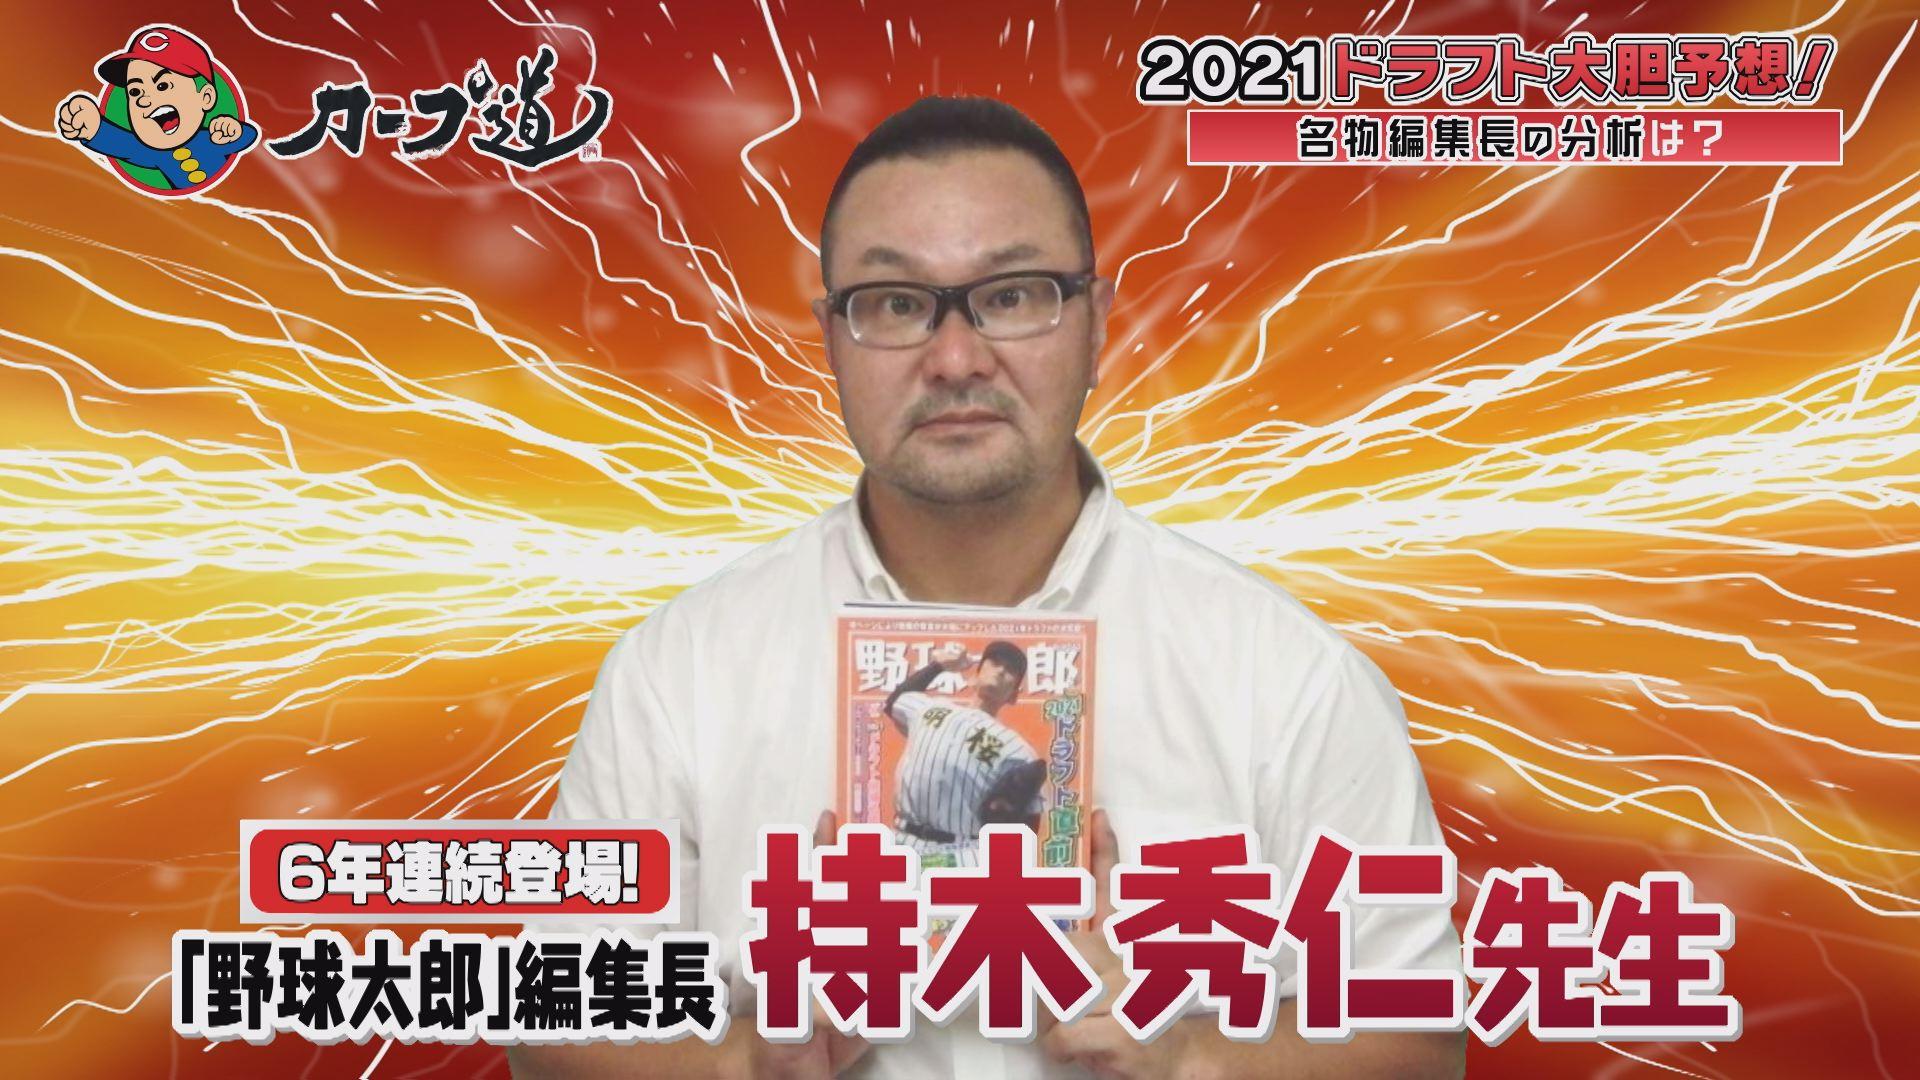 野球太郎・持木秀仁編集長